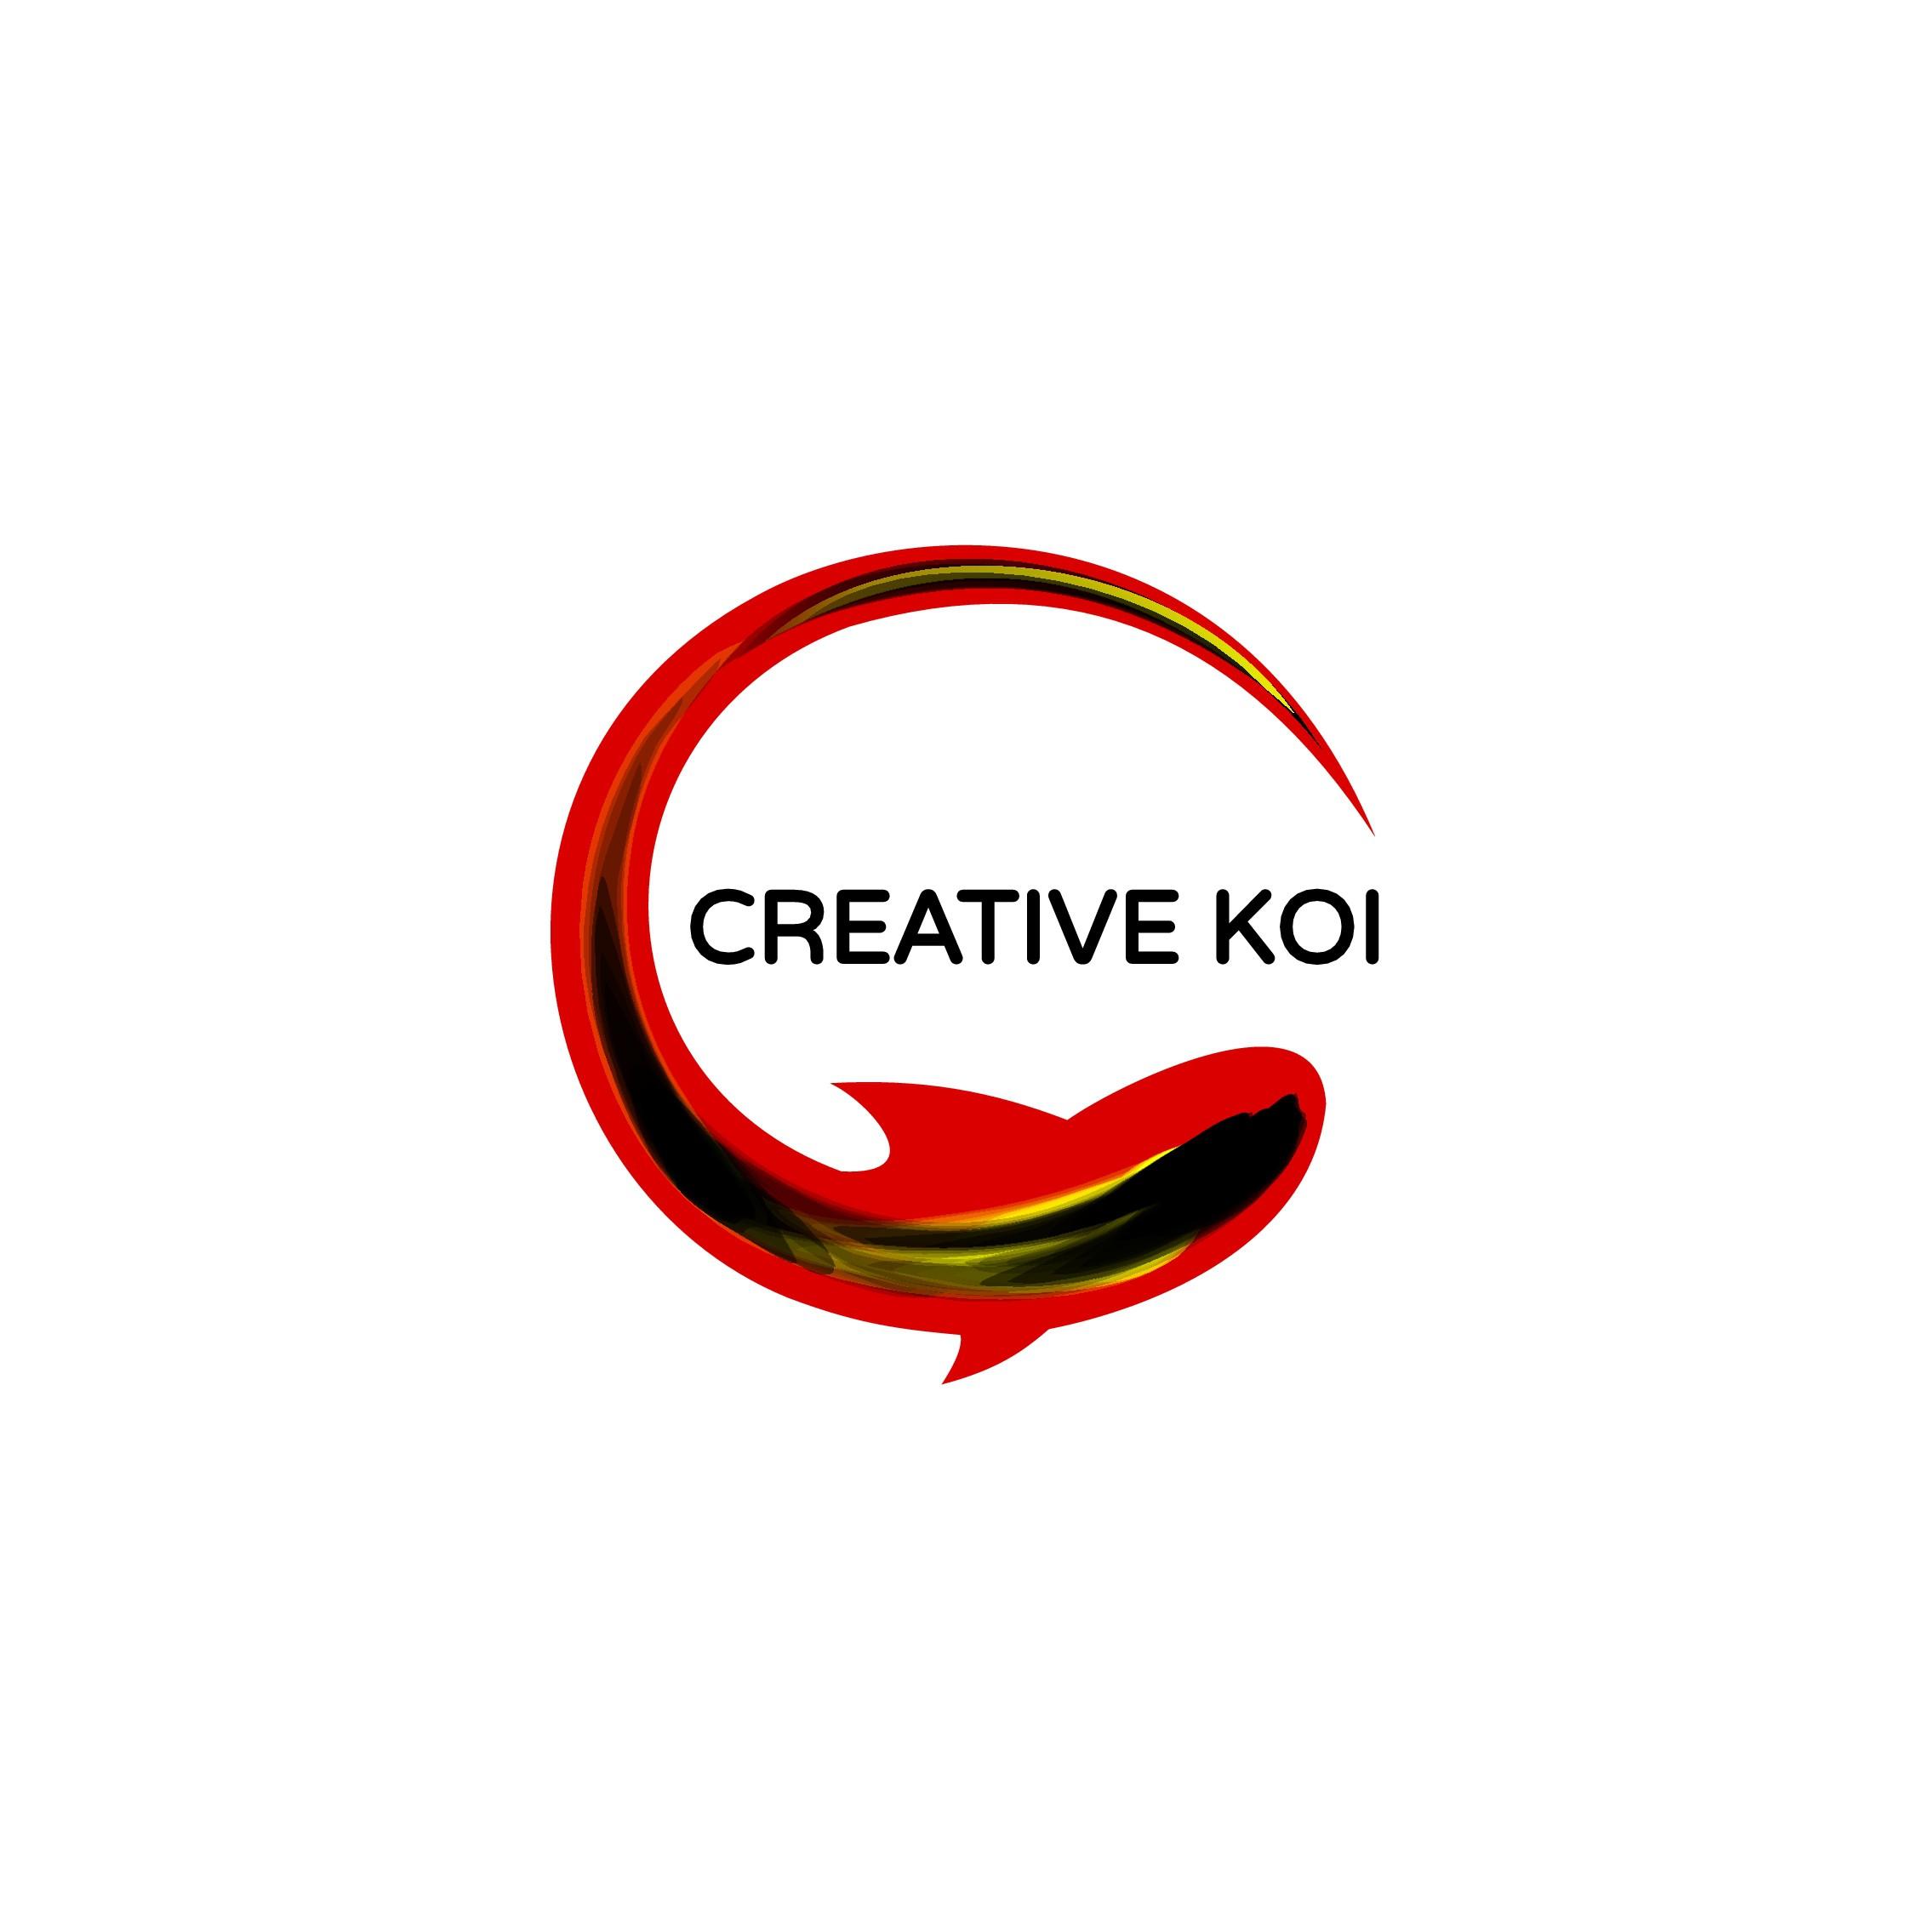 Design a logo to inspire budding artists for Creative Koi